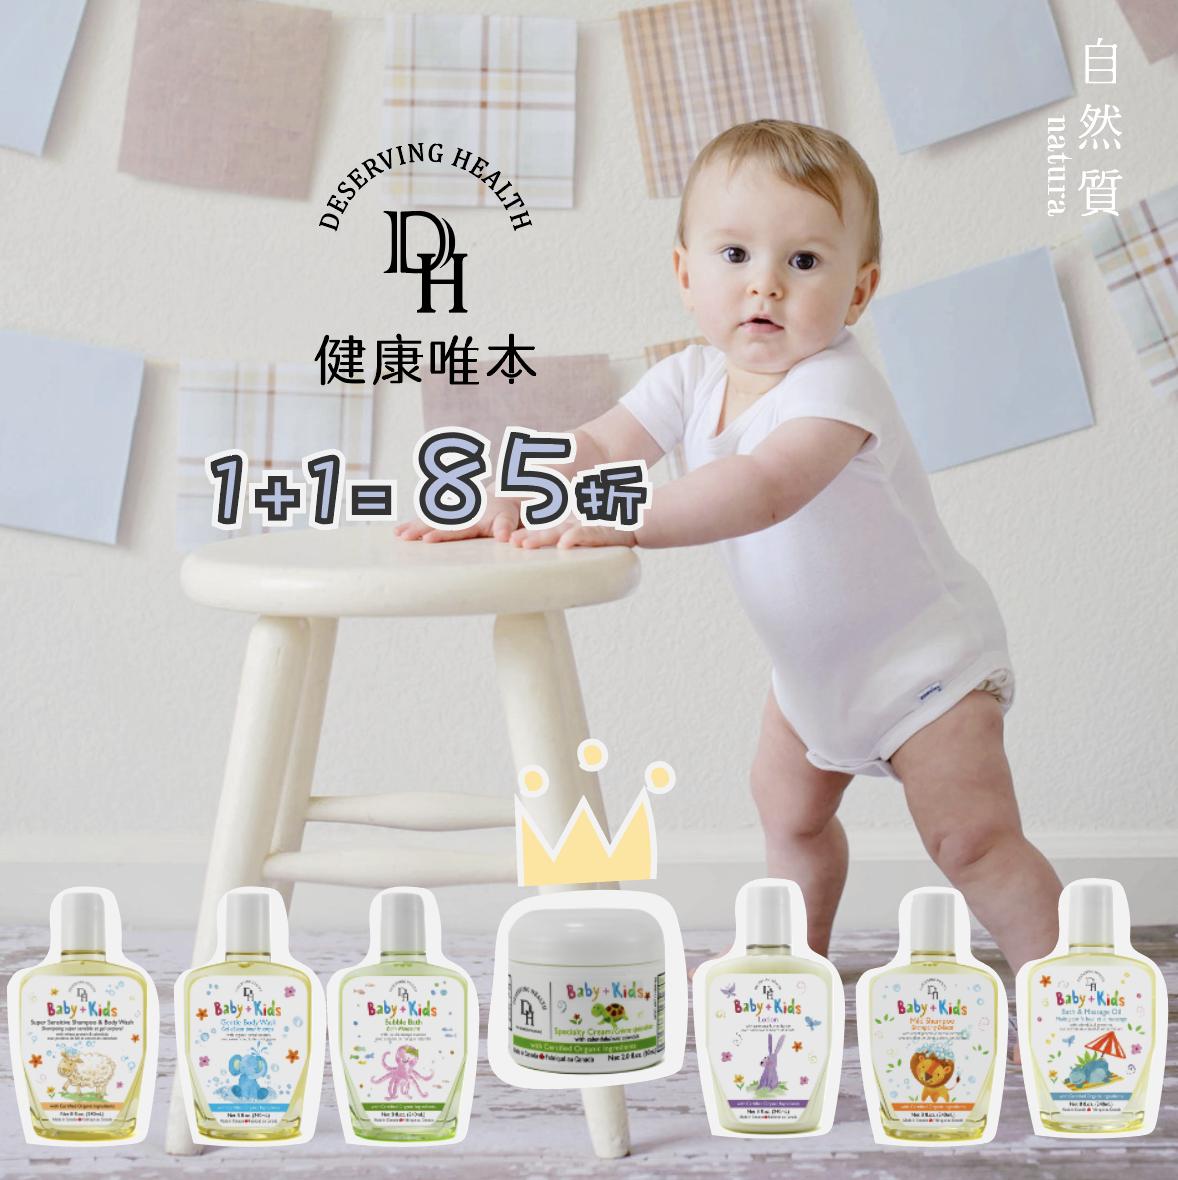 1111,健康唯本, deservinghealth,寶寶, 沐浴, 乳液